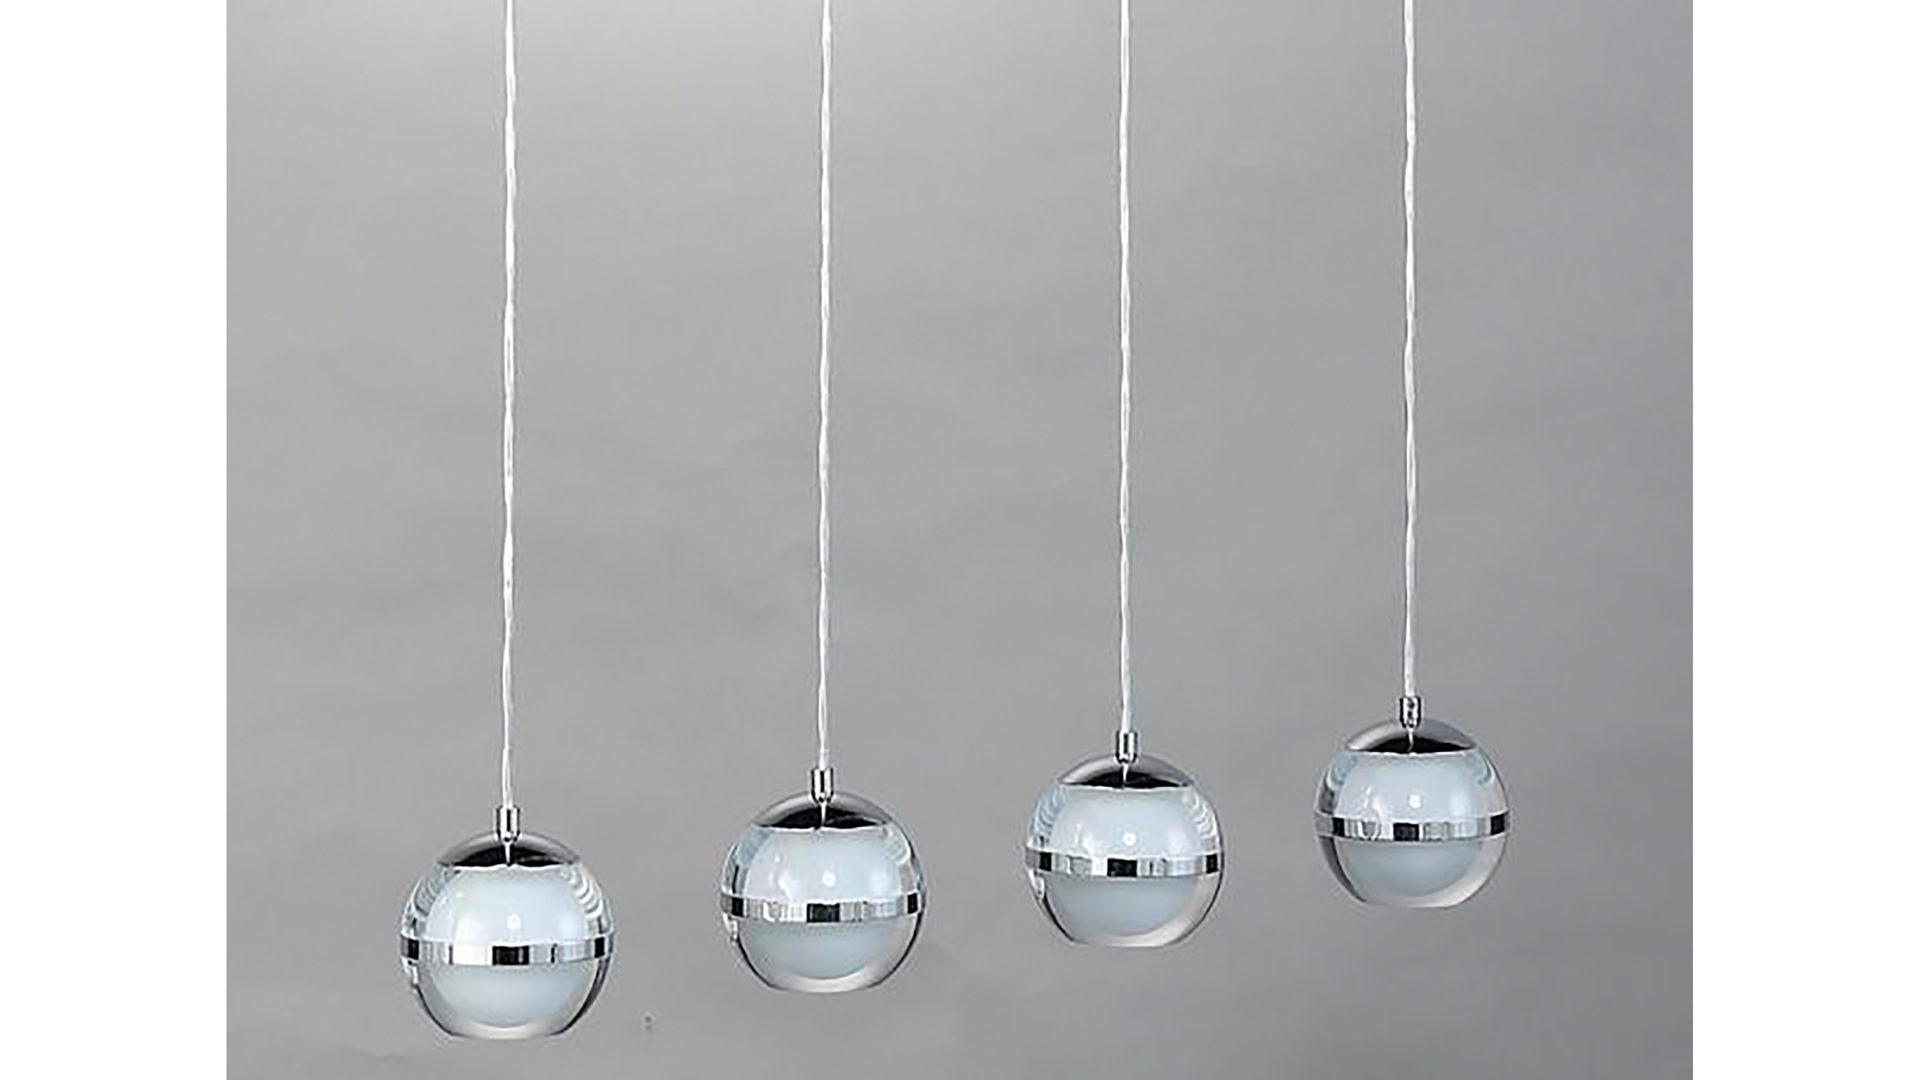 mbel bernsktter mlheim rume esszimmer lampen leuchten led pendelleuchte fulton in chromfarben in modern led pendelleuchte fulton wofi - Esszimmer Lampen Led